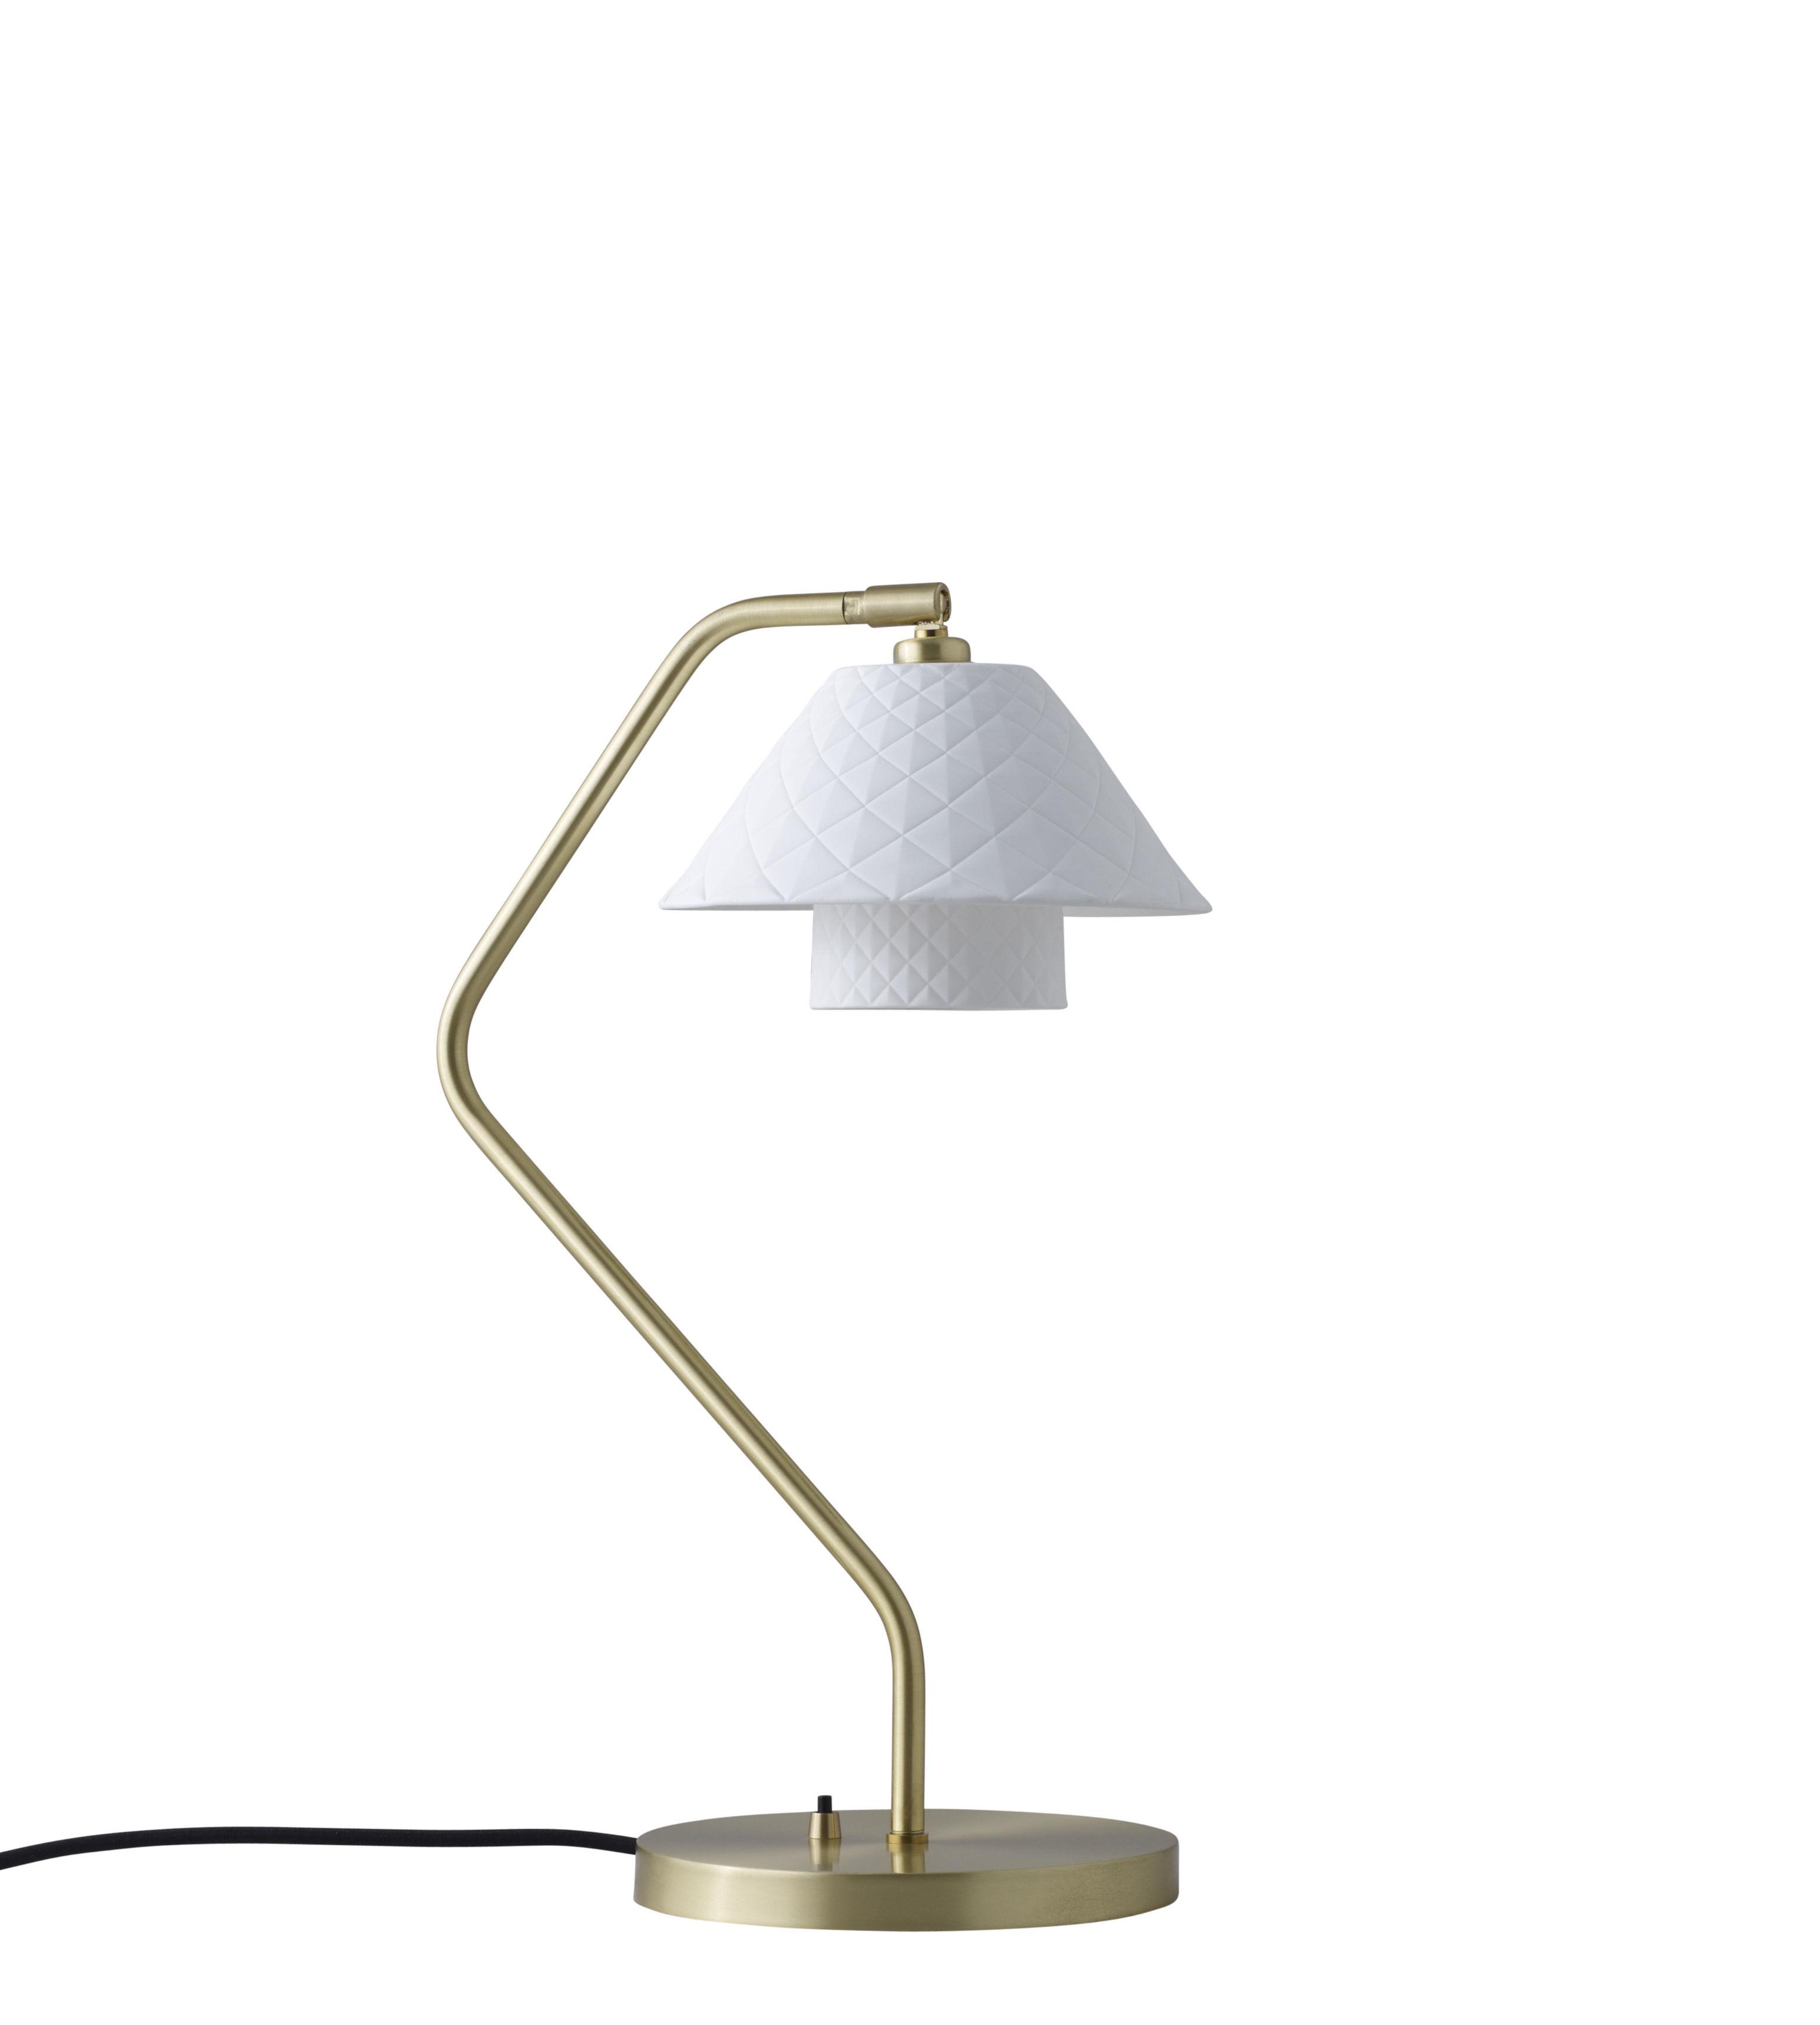 Leuchten - Arbeitsleuchten - Oxford Double Schreibtischlampe / satiniertes Messing & Porzellan - Original BTC - Mattweiß / Messing, satiniert - Messing, Porzellan